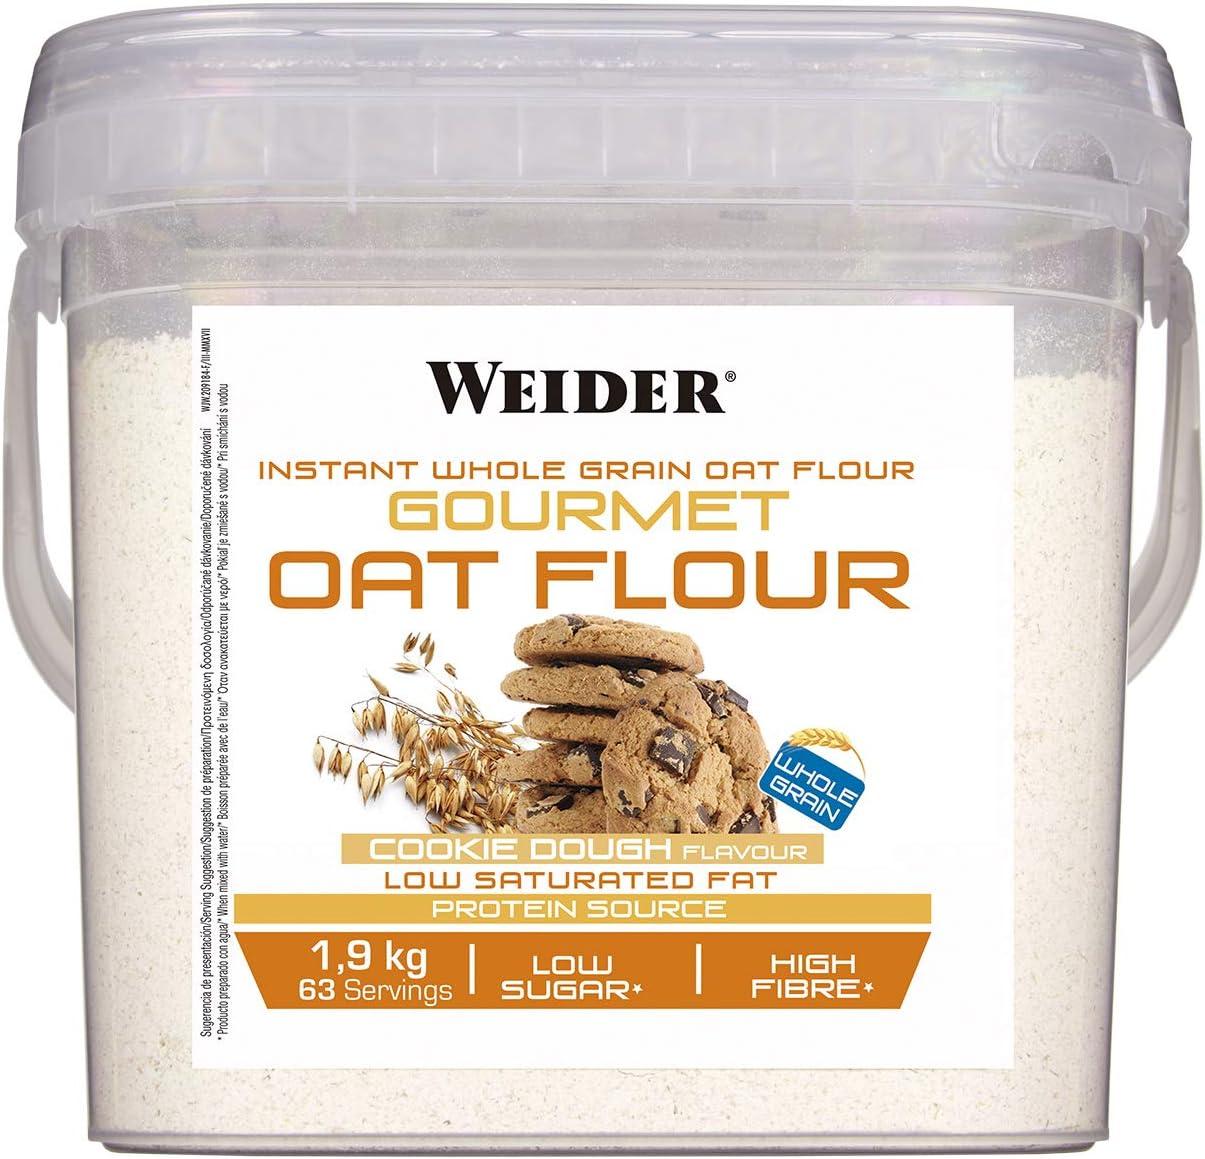 Weider Gourmet Oat Flour - 1,9 kg Cookie Dough: Amazon.es ...